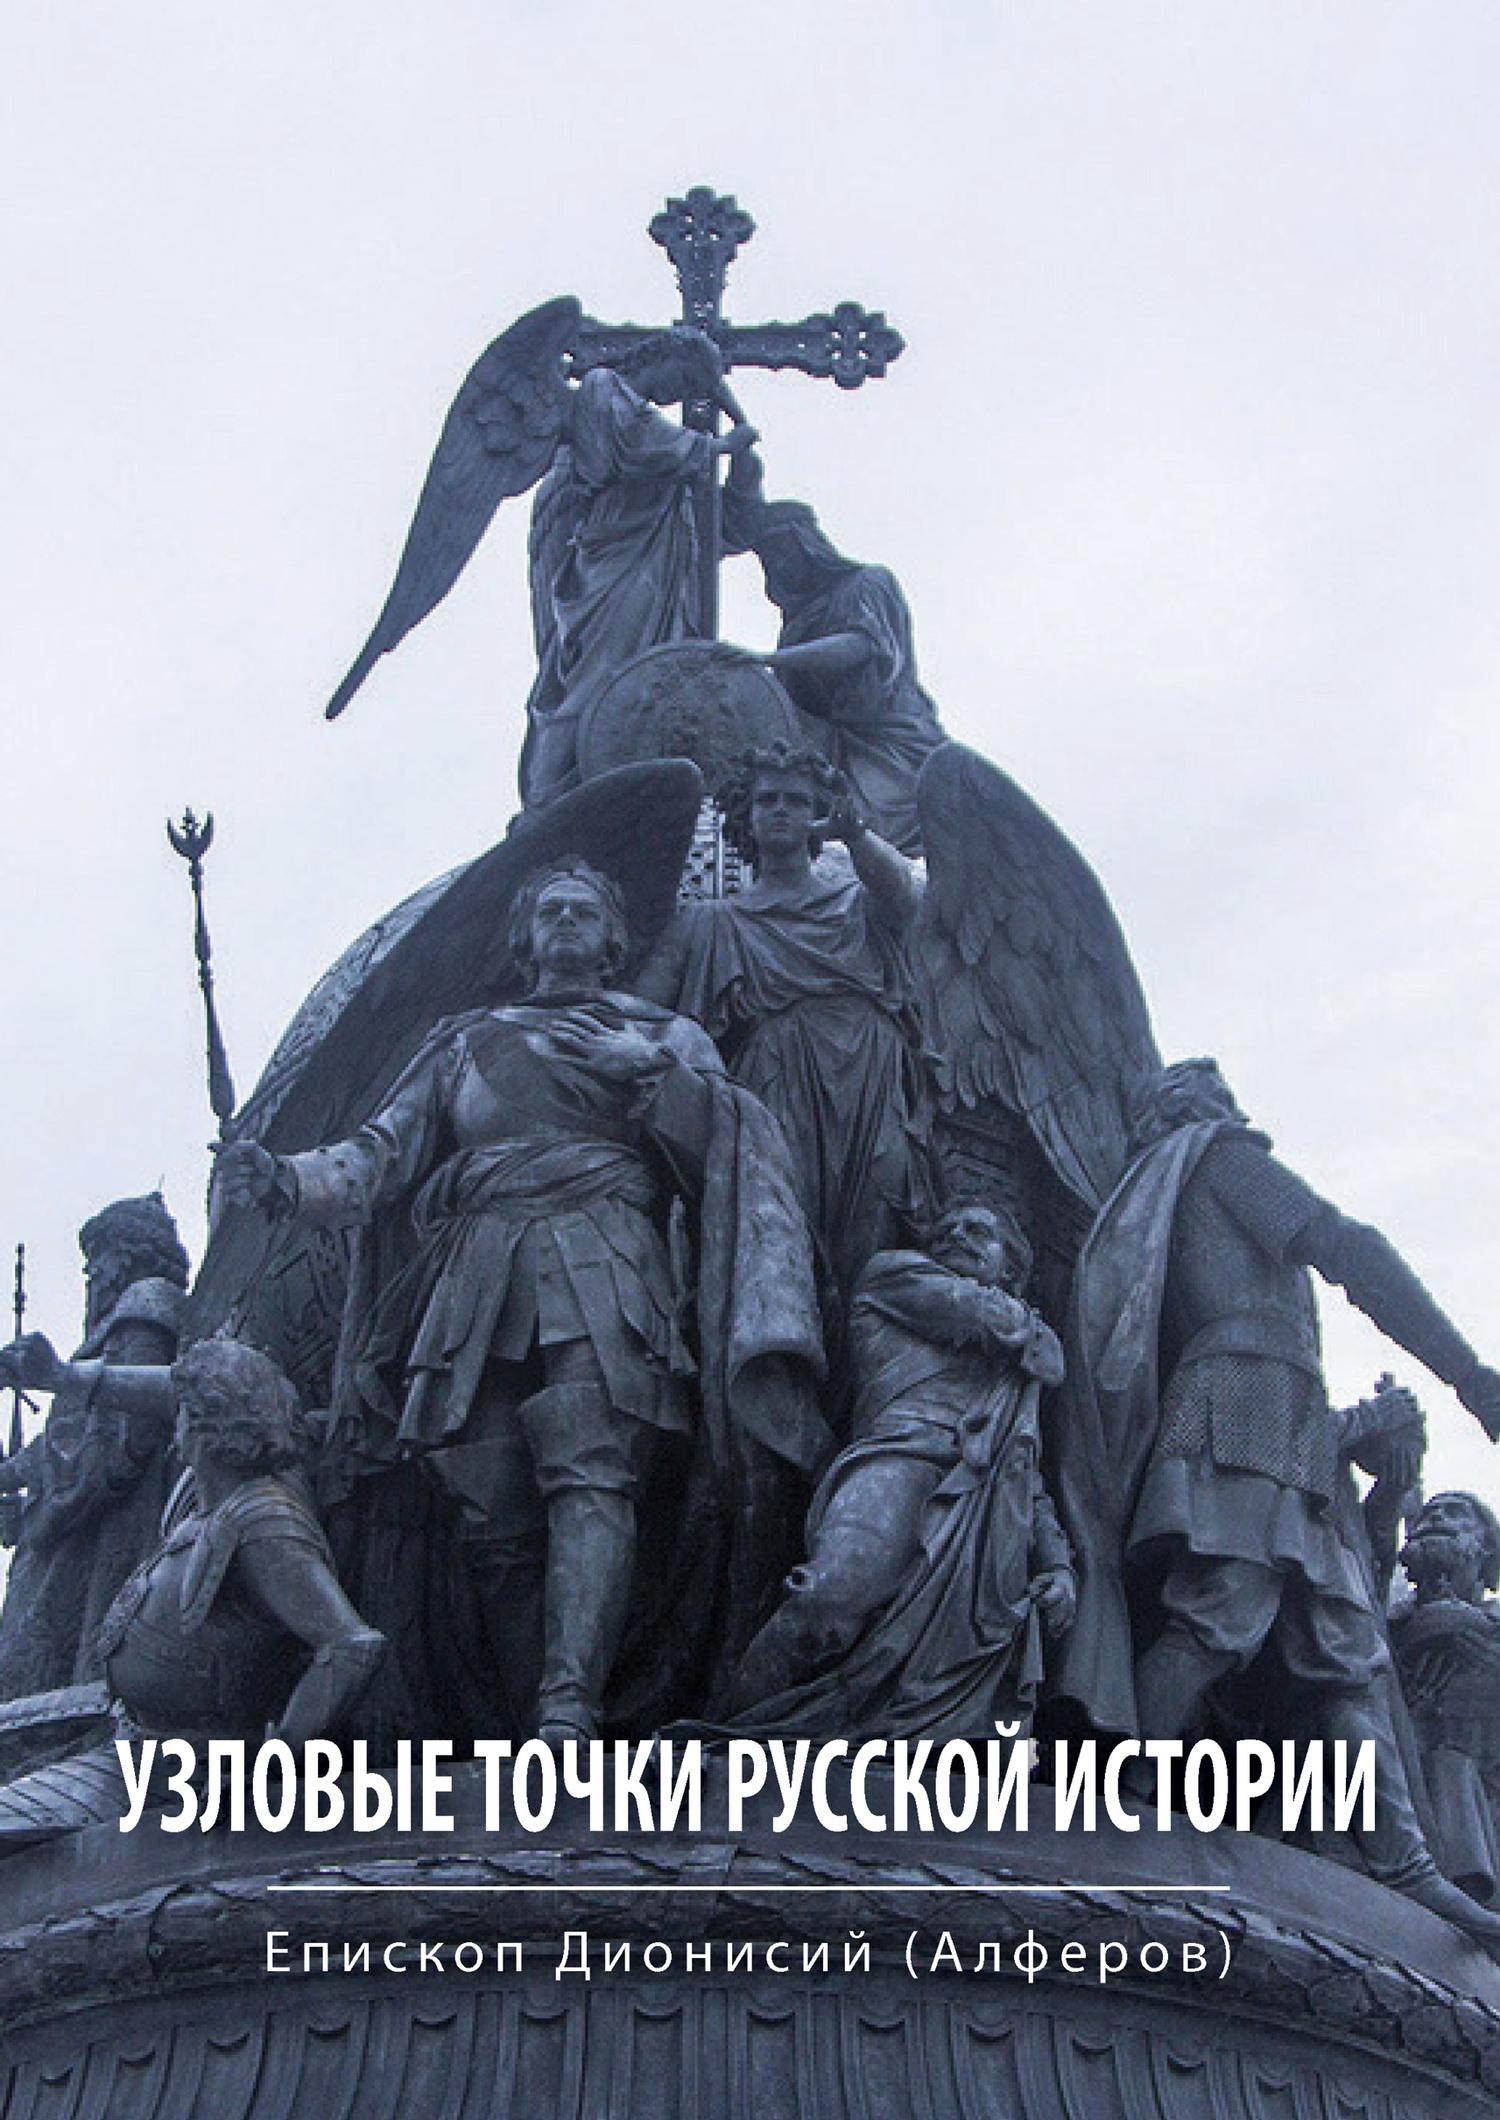 Епископ Дионисий (Алферов) Узловые точки русской истории василий алферов на исходе лета